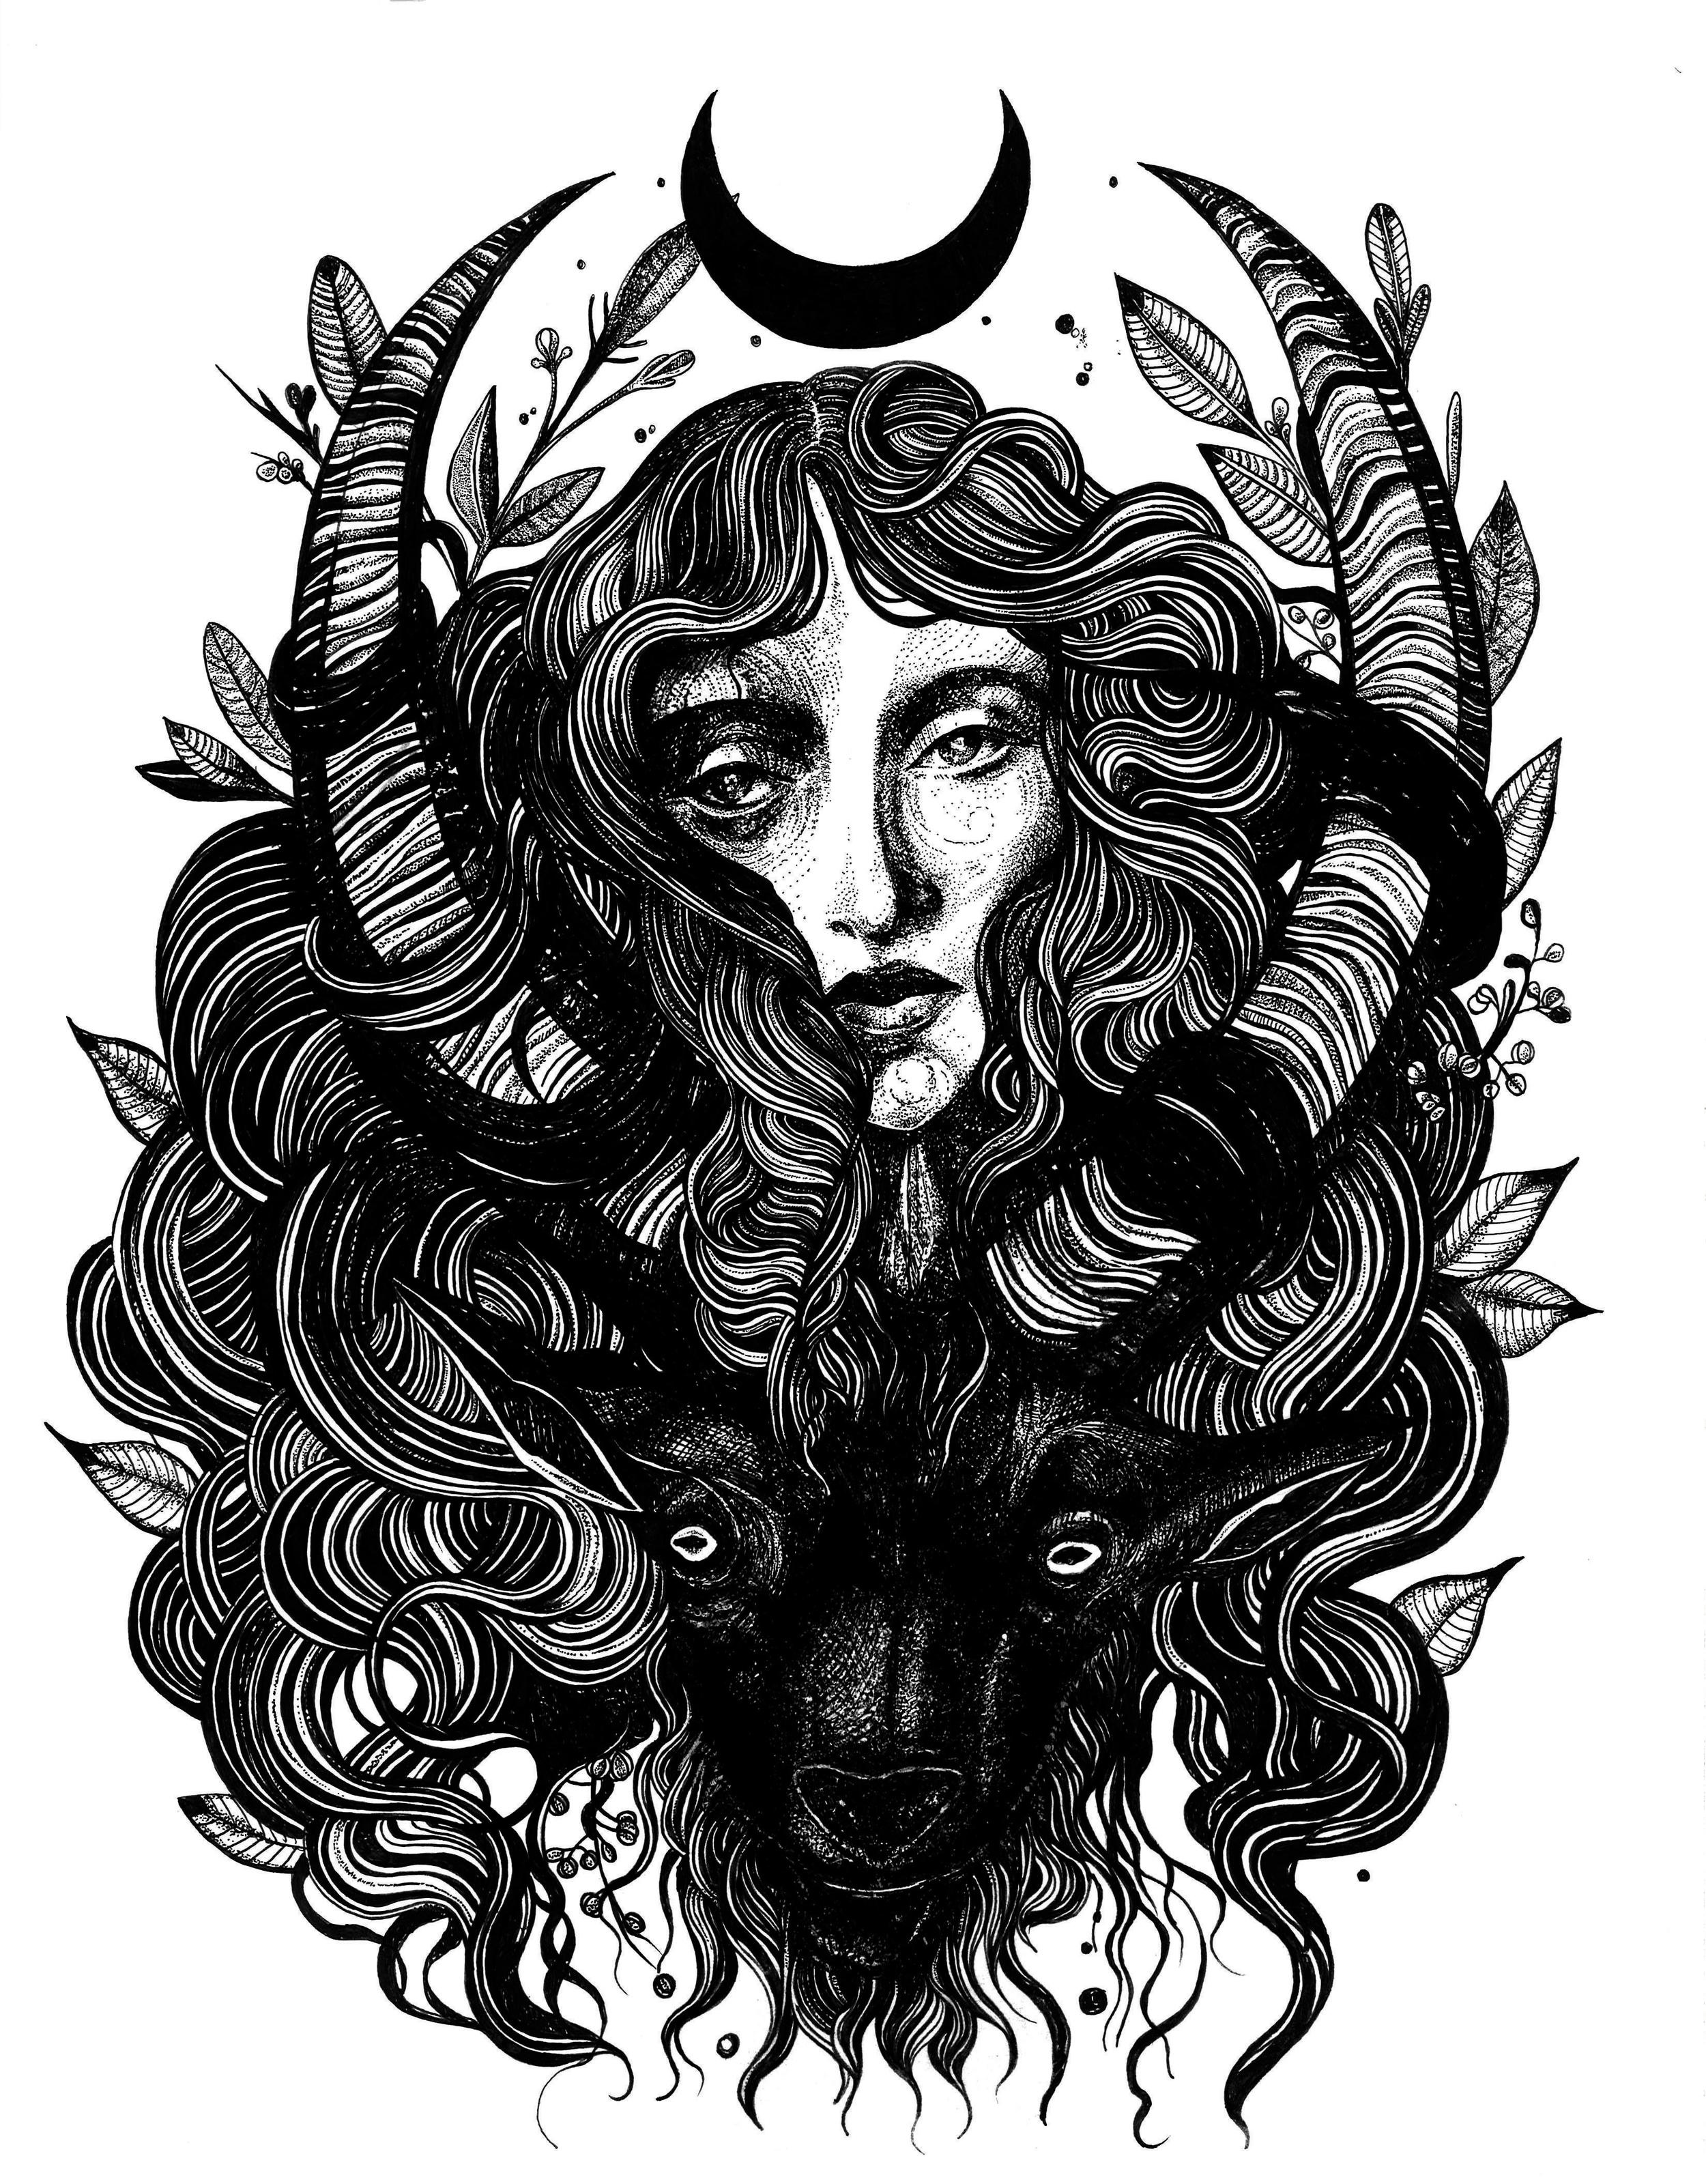 1-swamp-goat-jas-helena-velvit.jpg